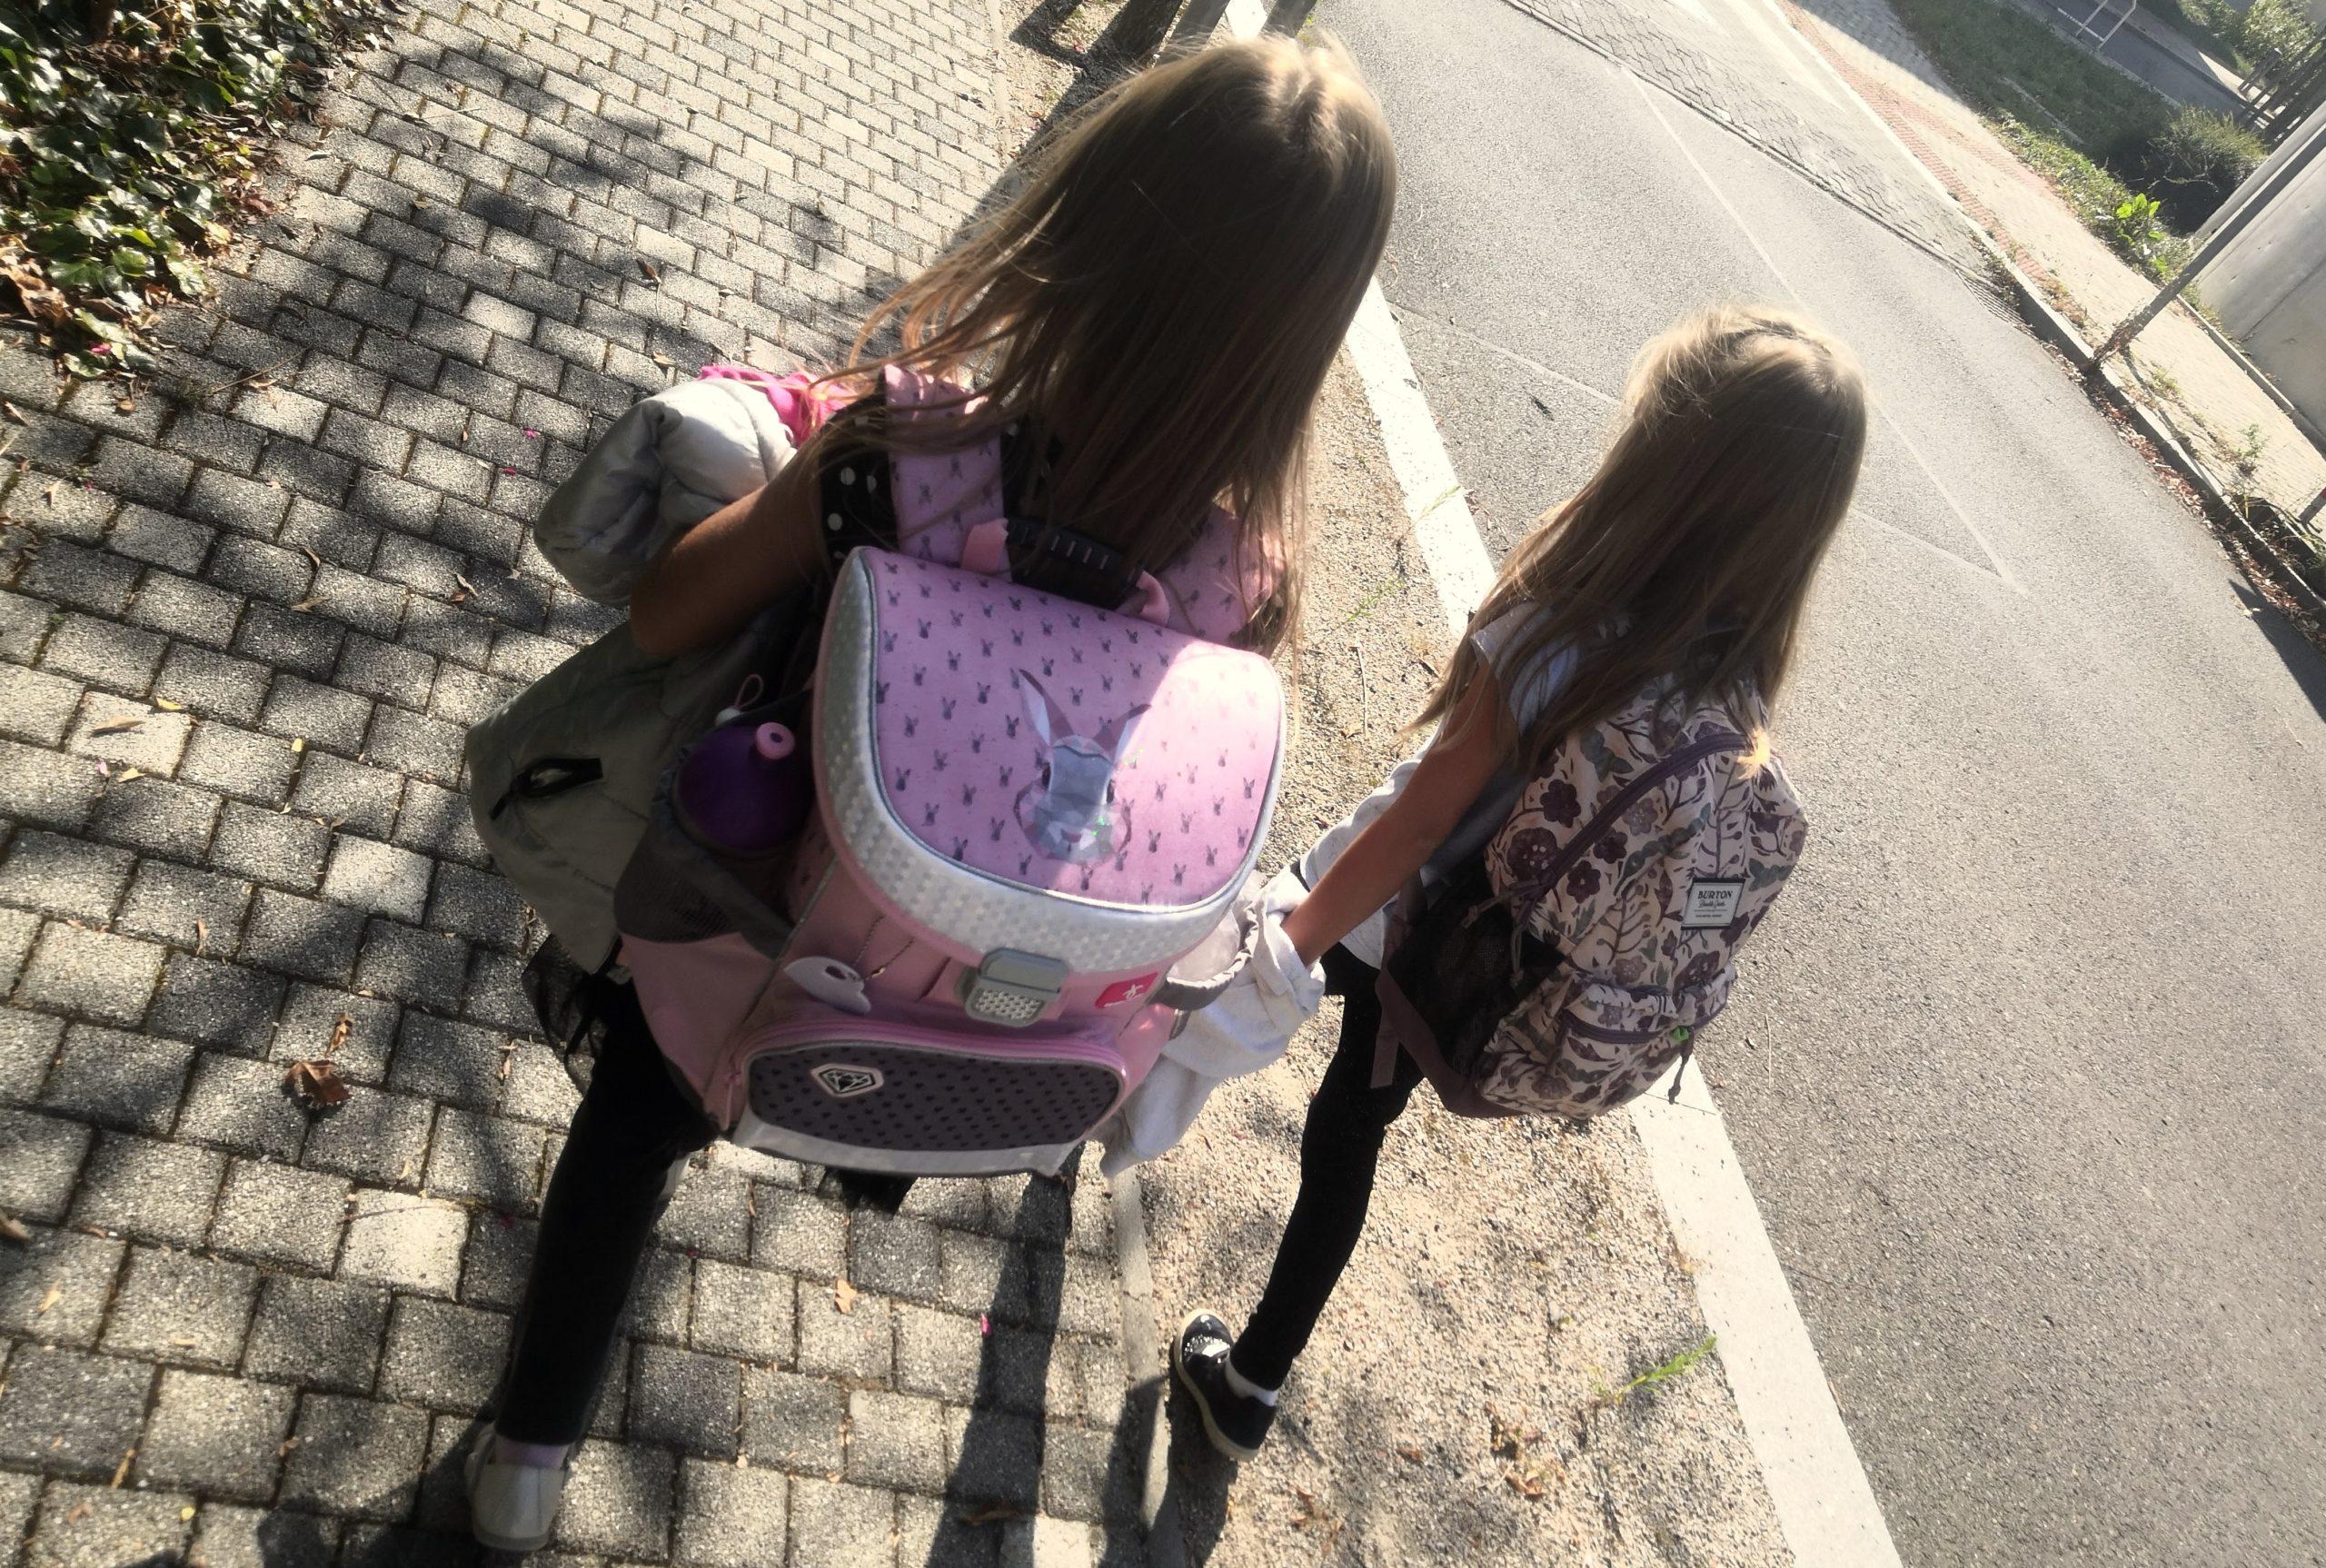 Nejít s dětmi první den školy do třídy či šatny může být náročné pro rodiče. Děti to ale zvládnou.